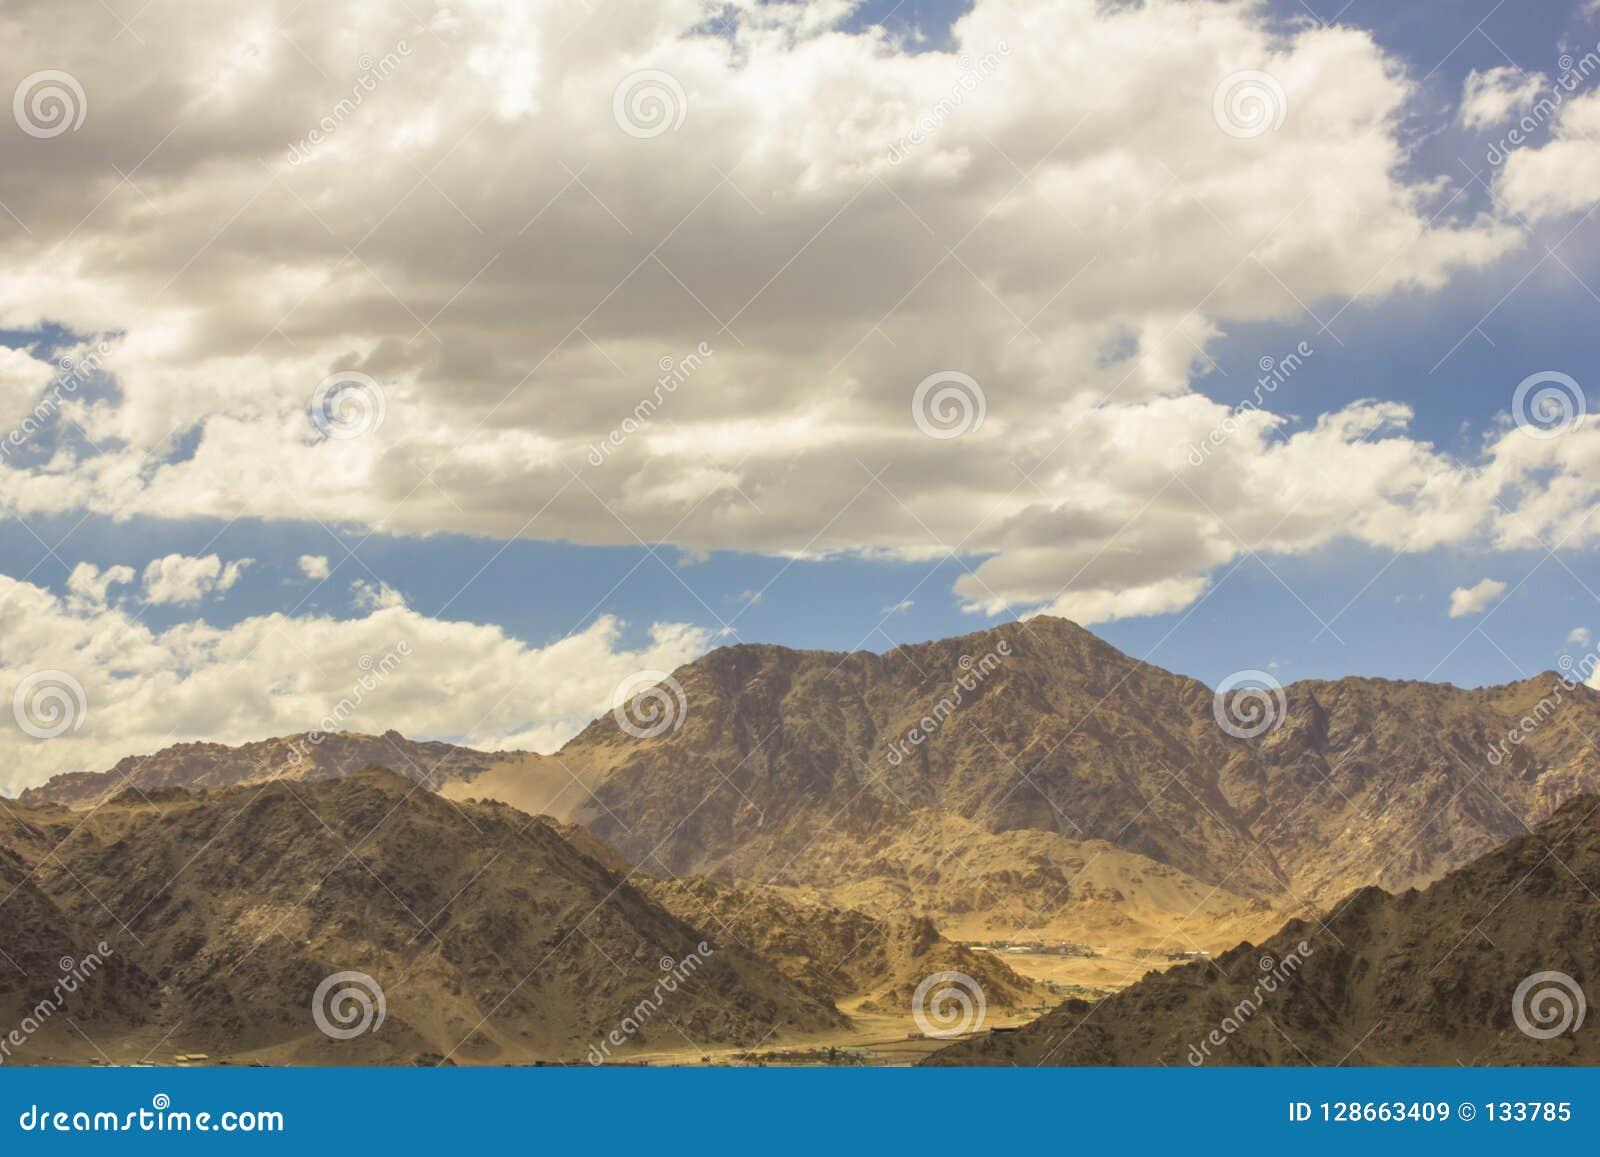 在山沙漠的美丽的阴云密布